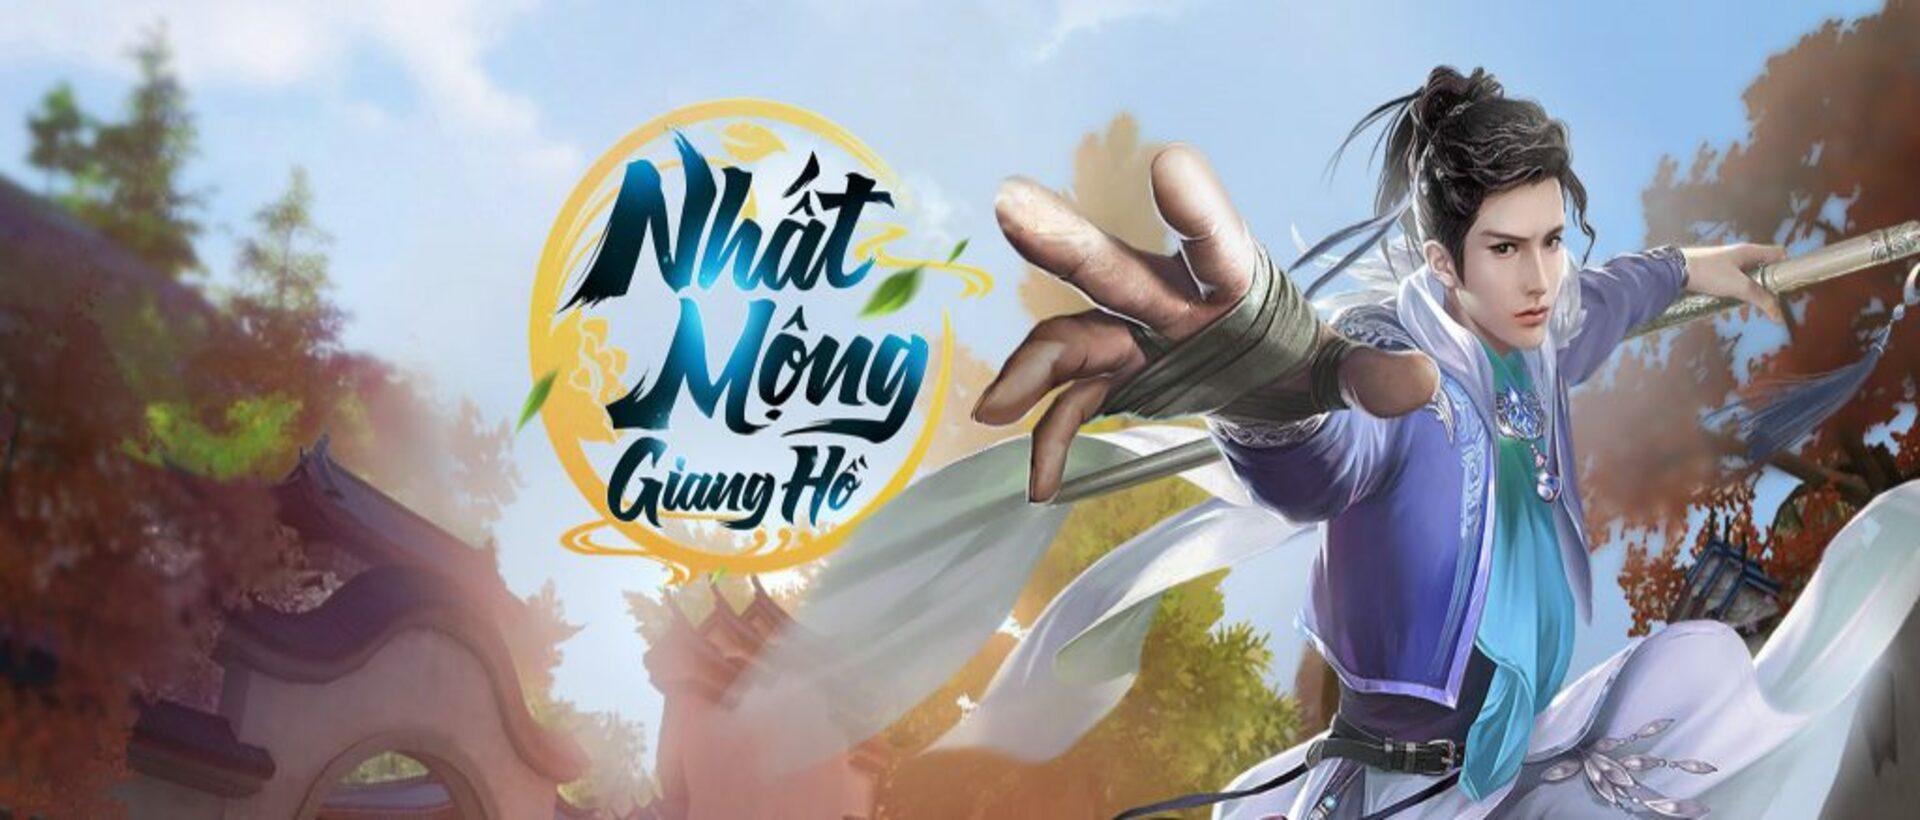 Hướng dẫn chơi Nhất Mộng Giang Hồ trên PC 84553450-104607617777058-7467091782749126656-o-2-1024x390jpg